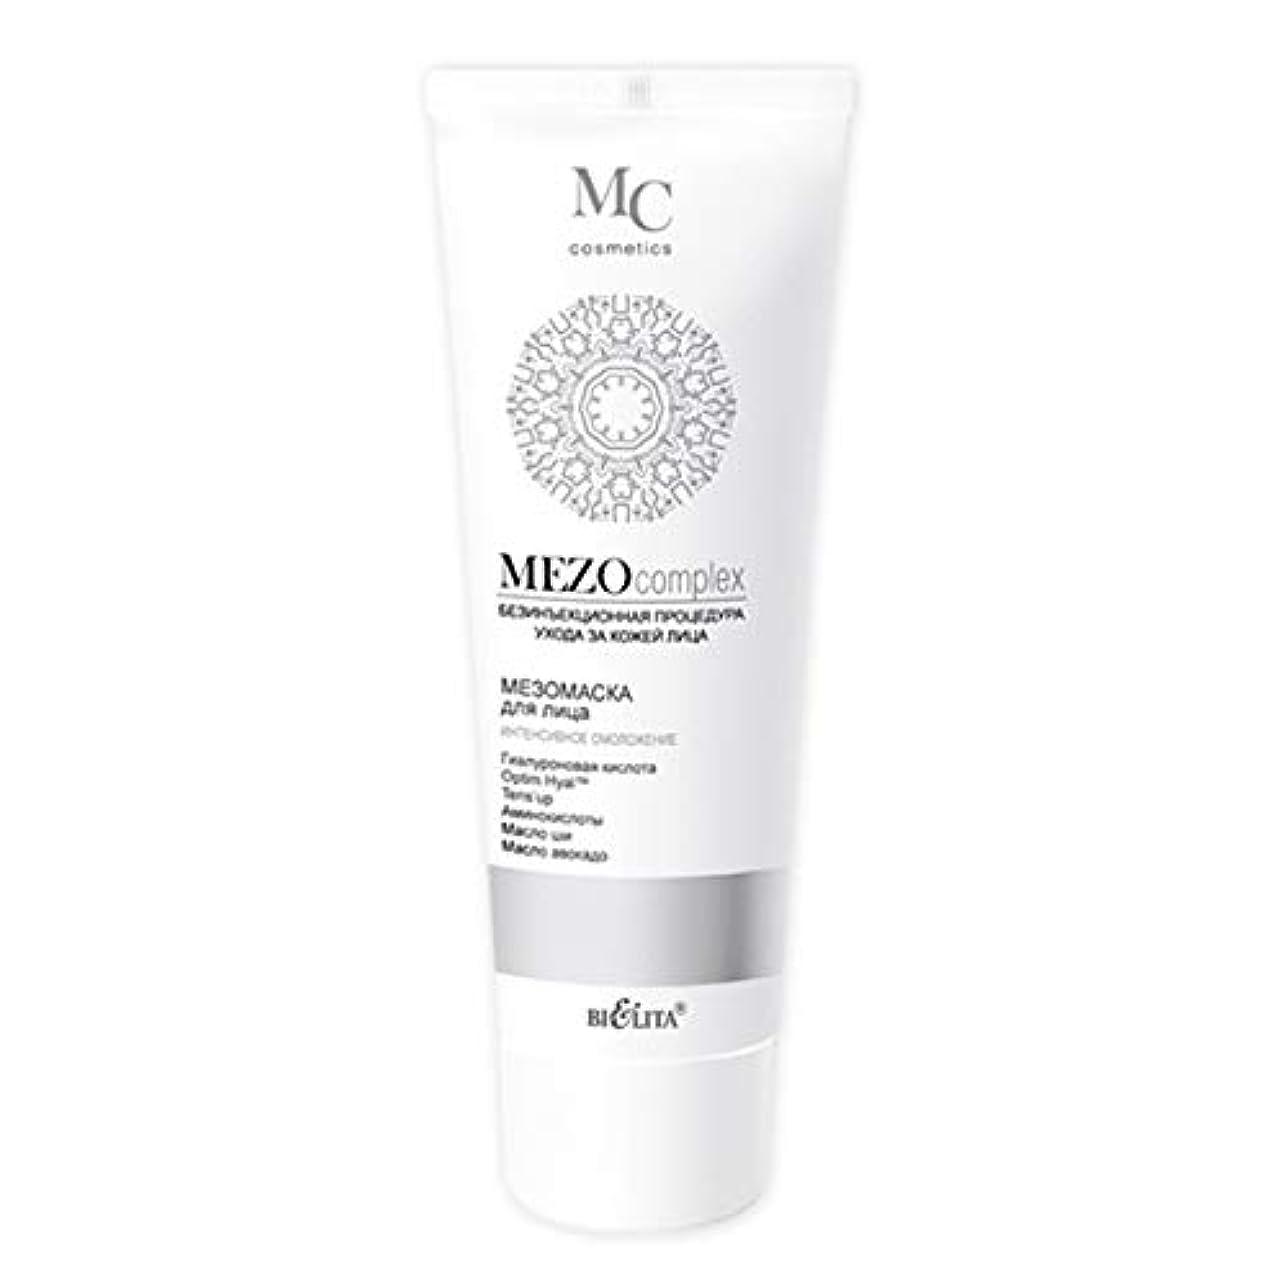 ポルノベーコン敵対的Mezo complex | Mezo MASK for the face | Non-injection facial skin care procedure | Hyaluronic acid | Optim Hyal | Tens'up | Cocktail of amino acids | Shea Butter | Avocado oil | Active formula | 100 ml